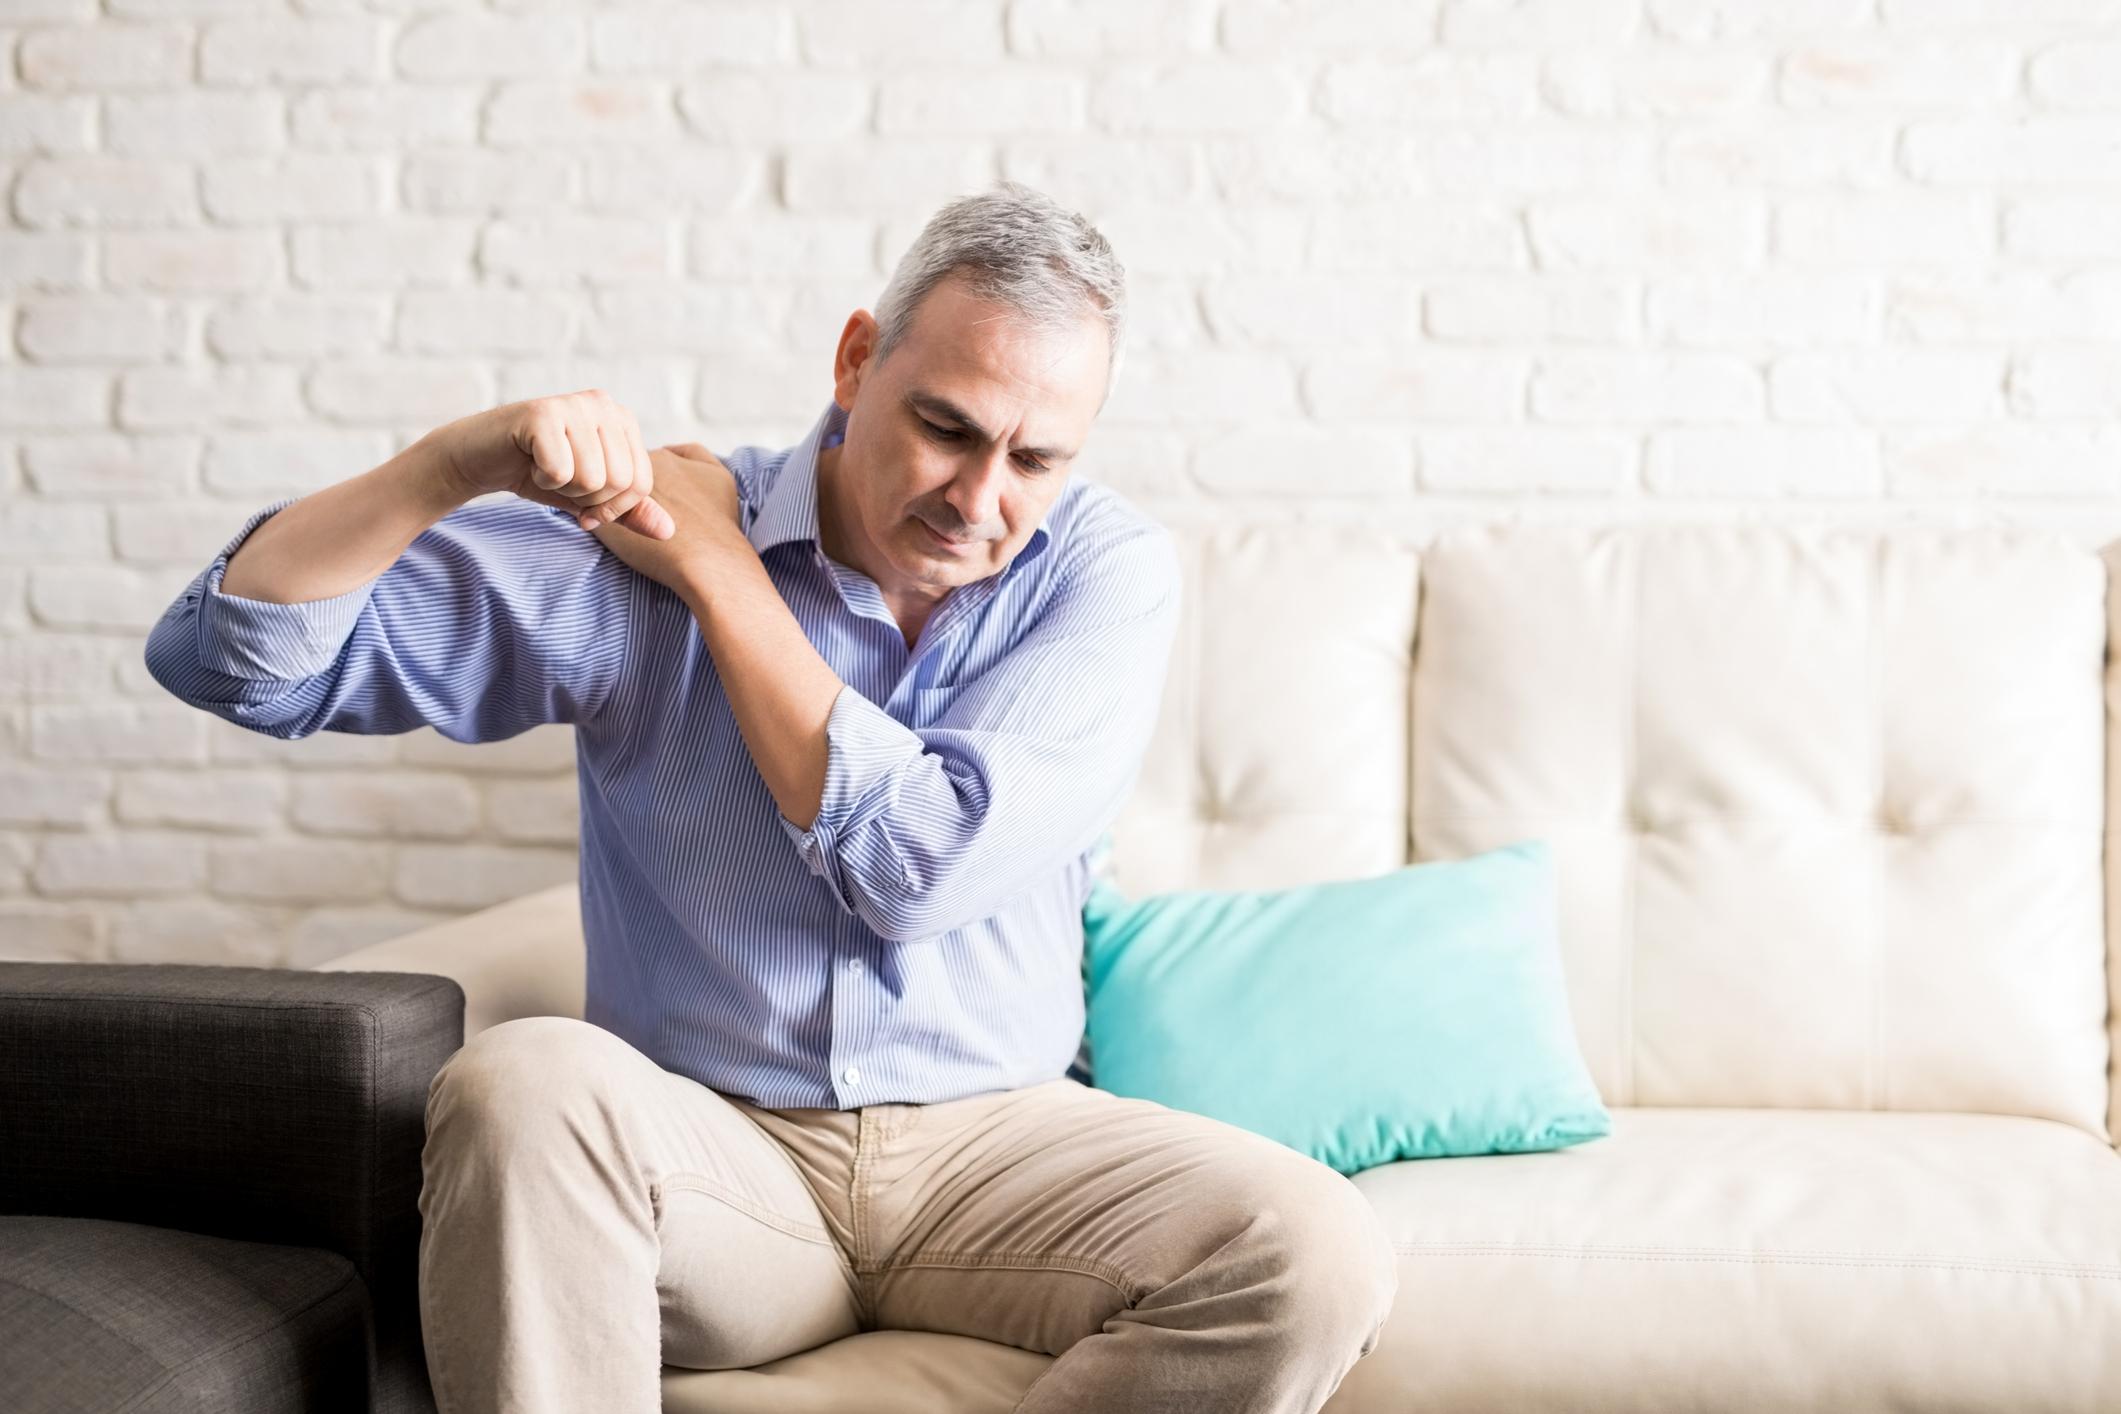 az ízületek nyújtáskor meghosszabbodnak ízületi változások a felhalmozódás betegségeiben